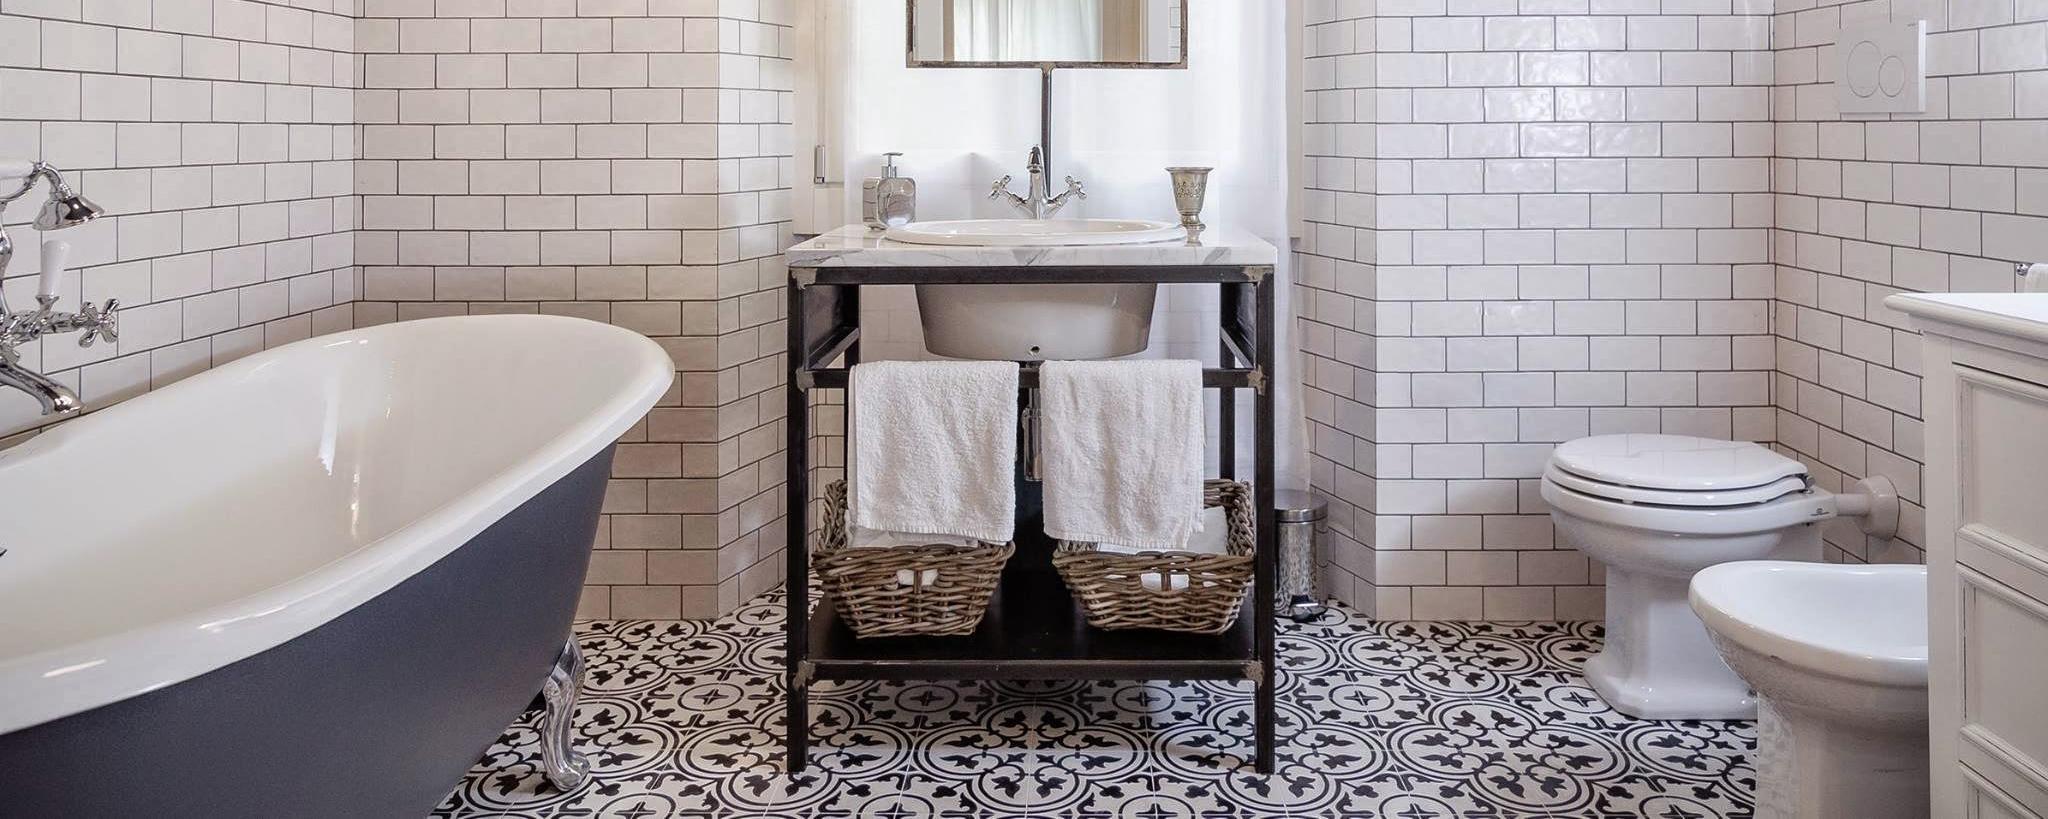 Ispirazioni e consigli per un bagno in stile vintage